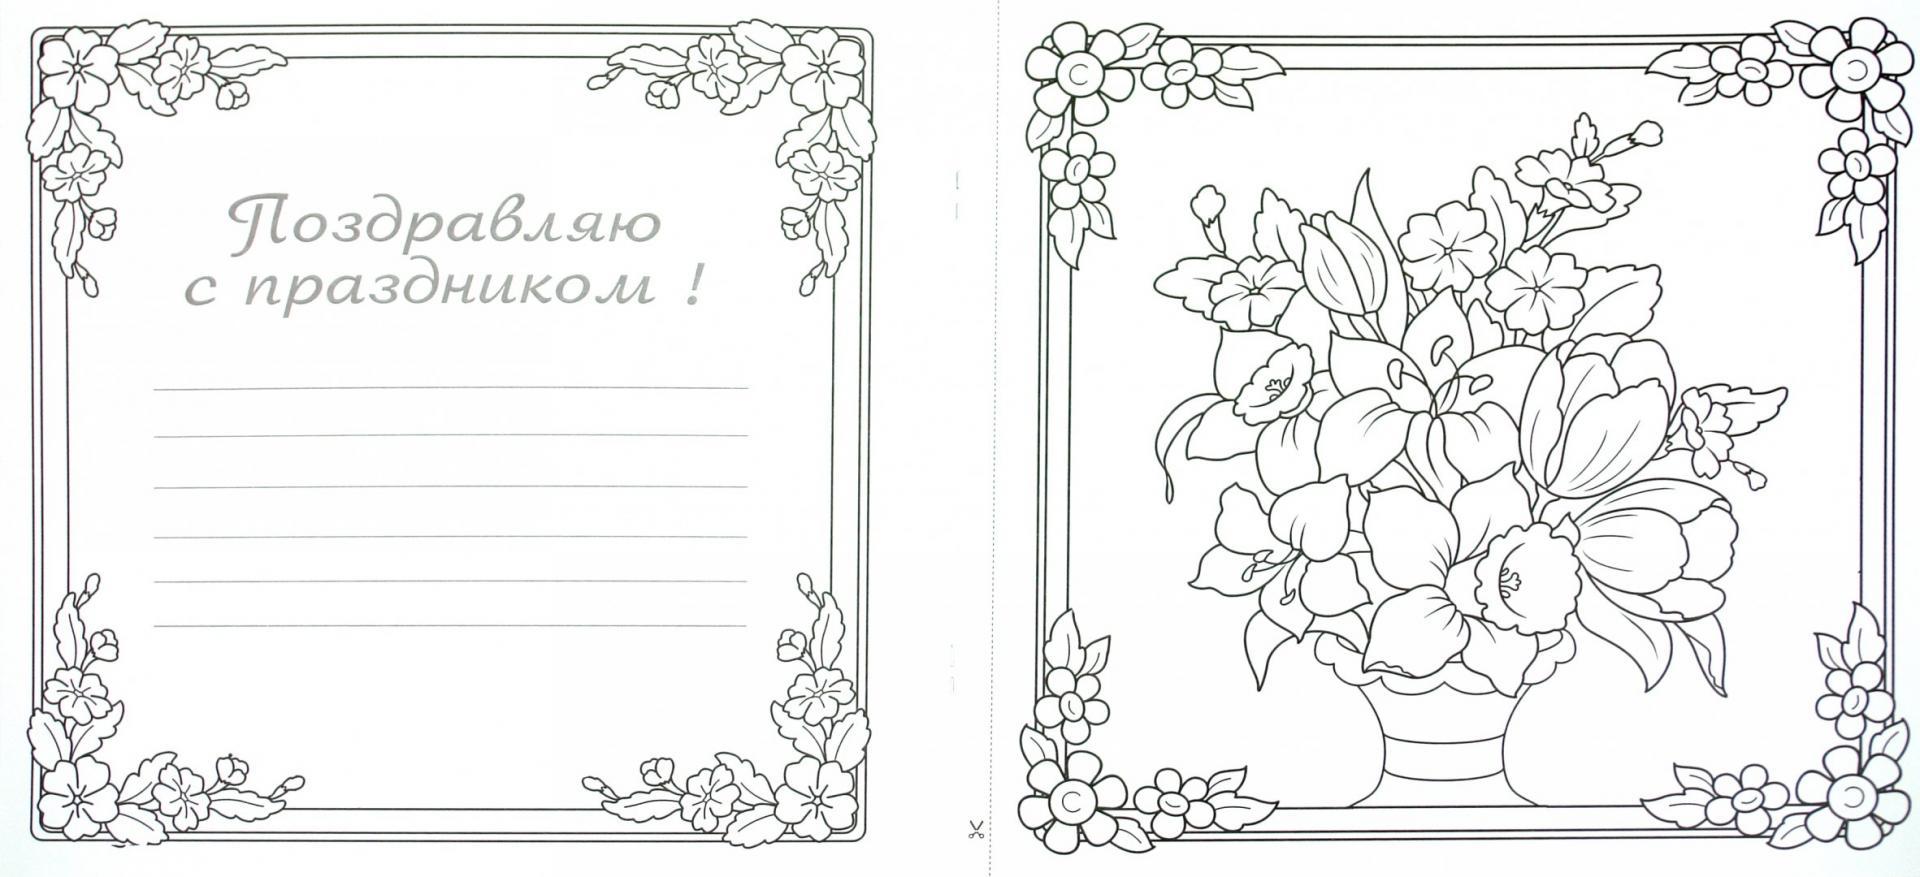 Гифка открытка, открытка для бабушки на день рождения раскраска распечатать